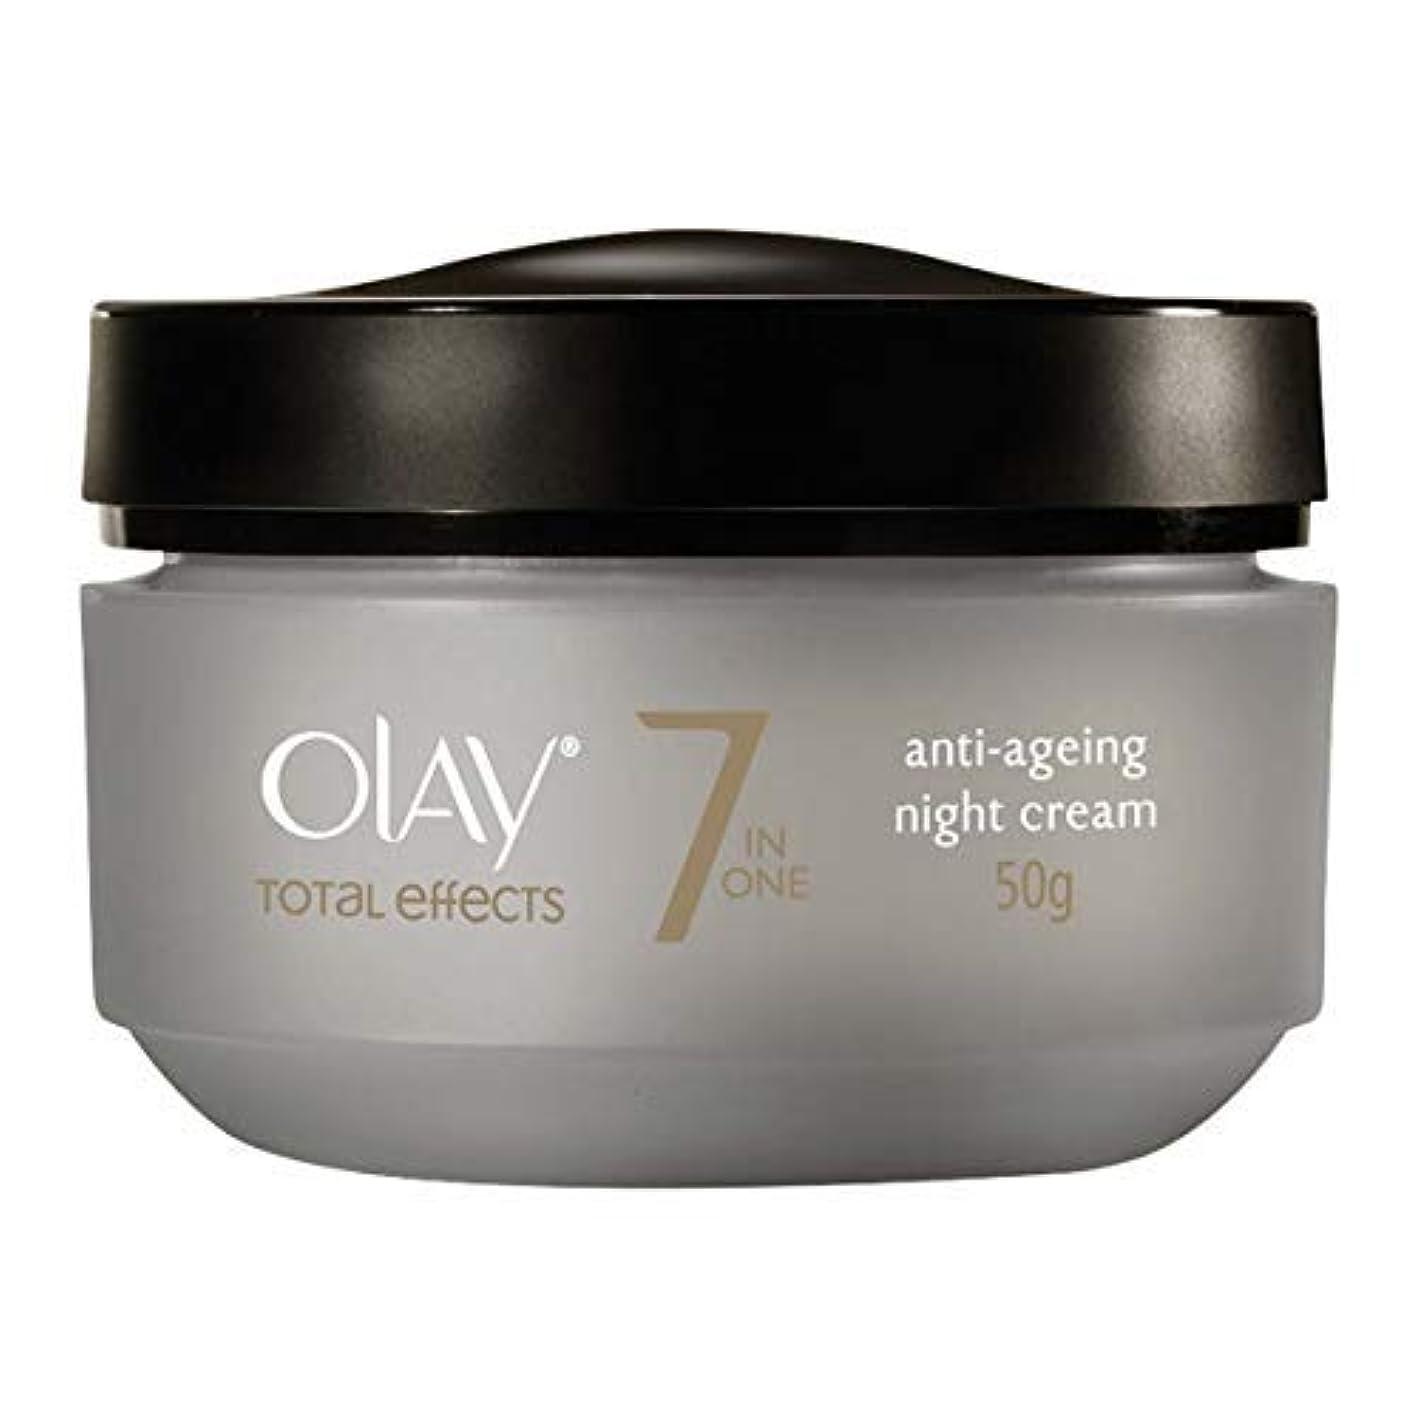 先例許さないバーガーオレイ Total Effects 7 In 1 Anti-Ageing Night Cream 50ml/1.7oz並行輸入品